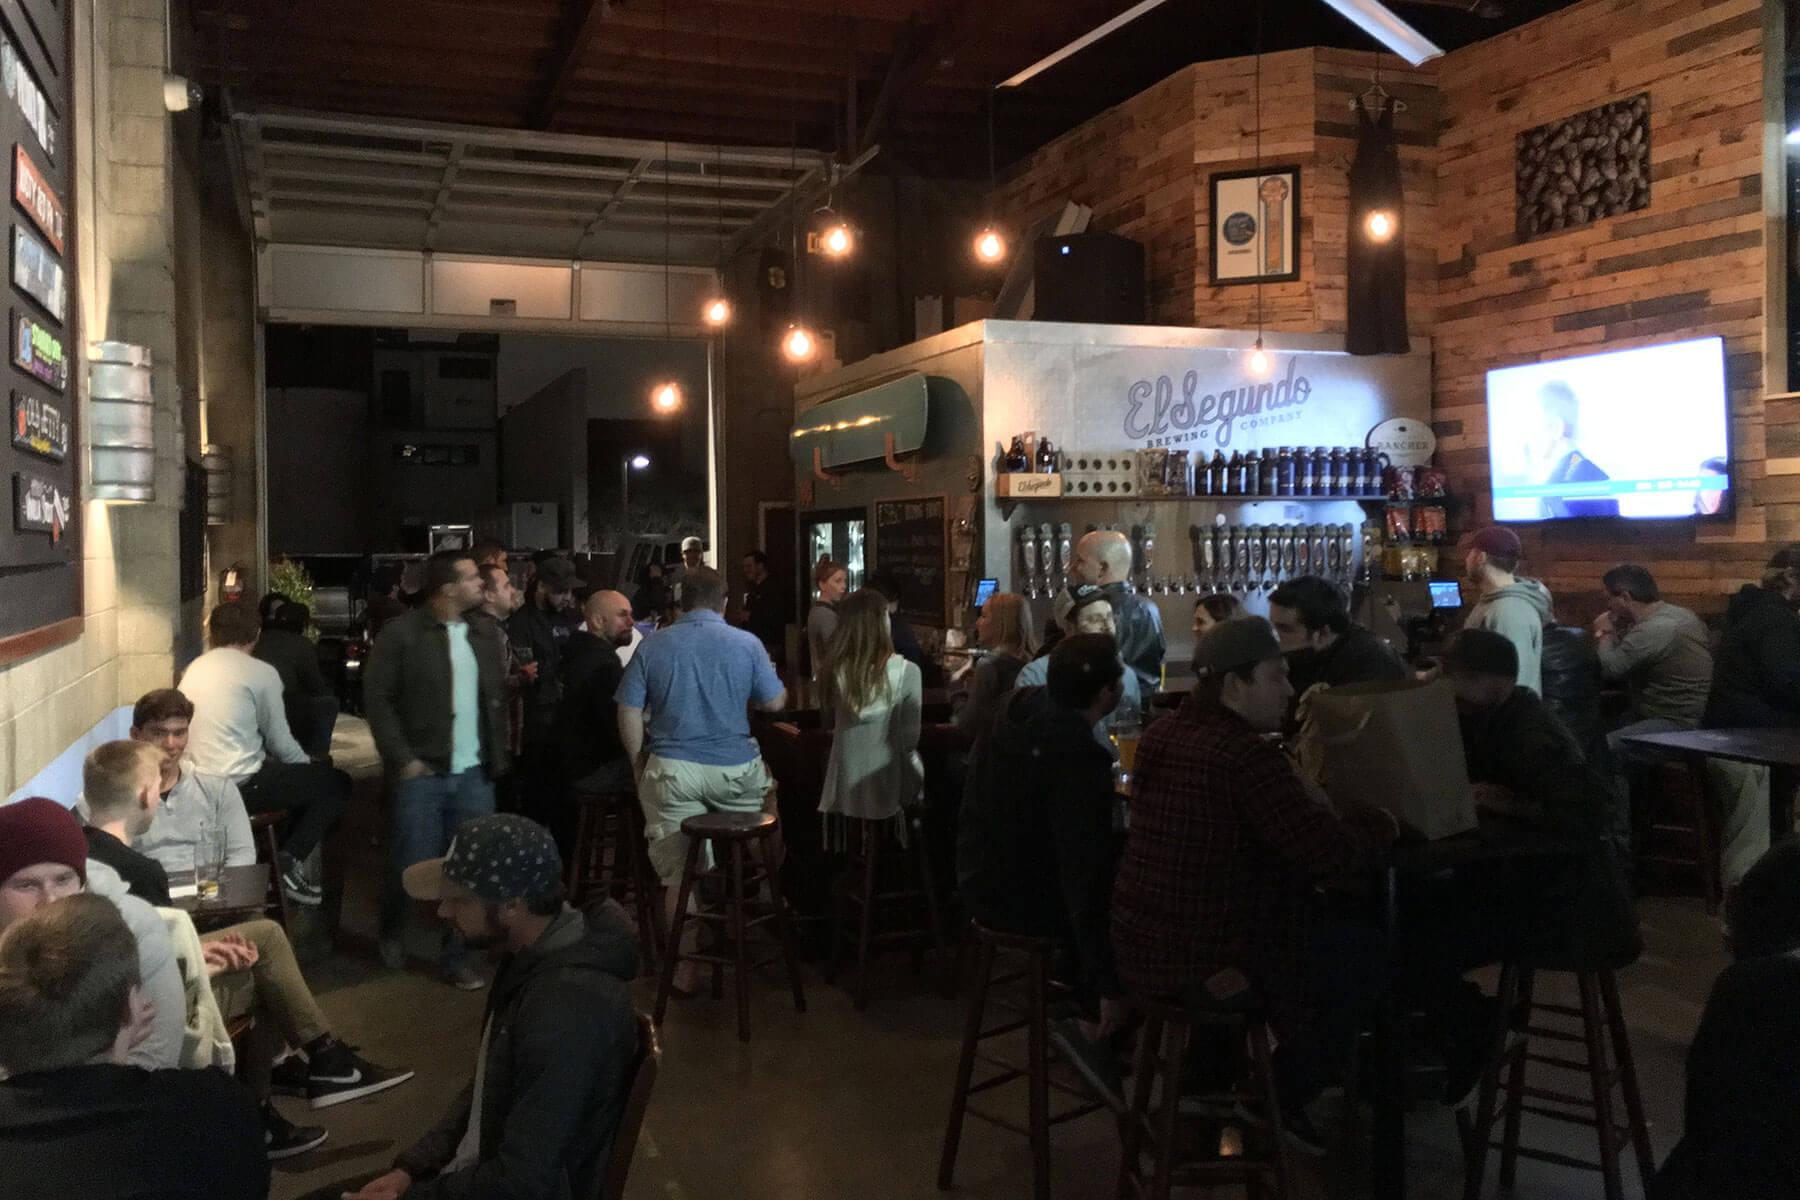 El Segundo Brewing Company Brewery Tasting Room